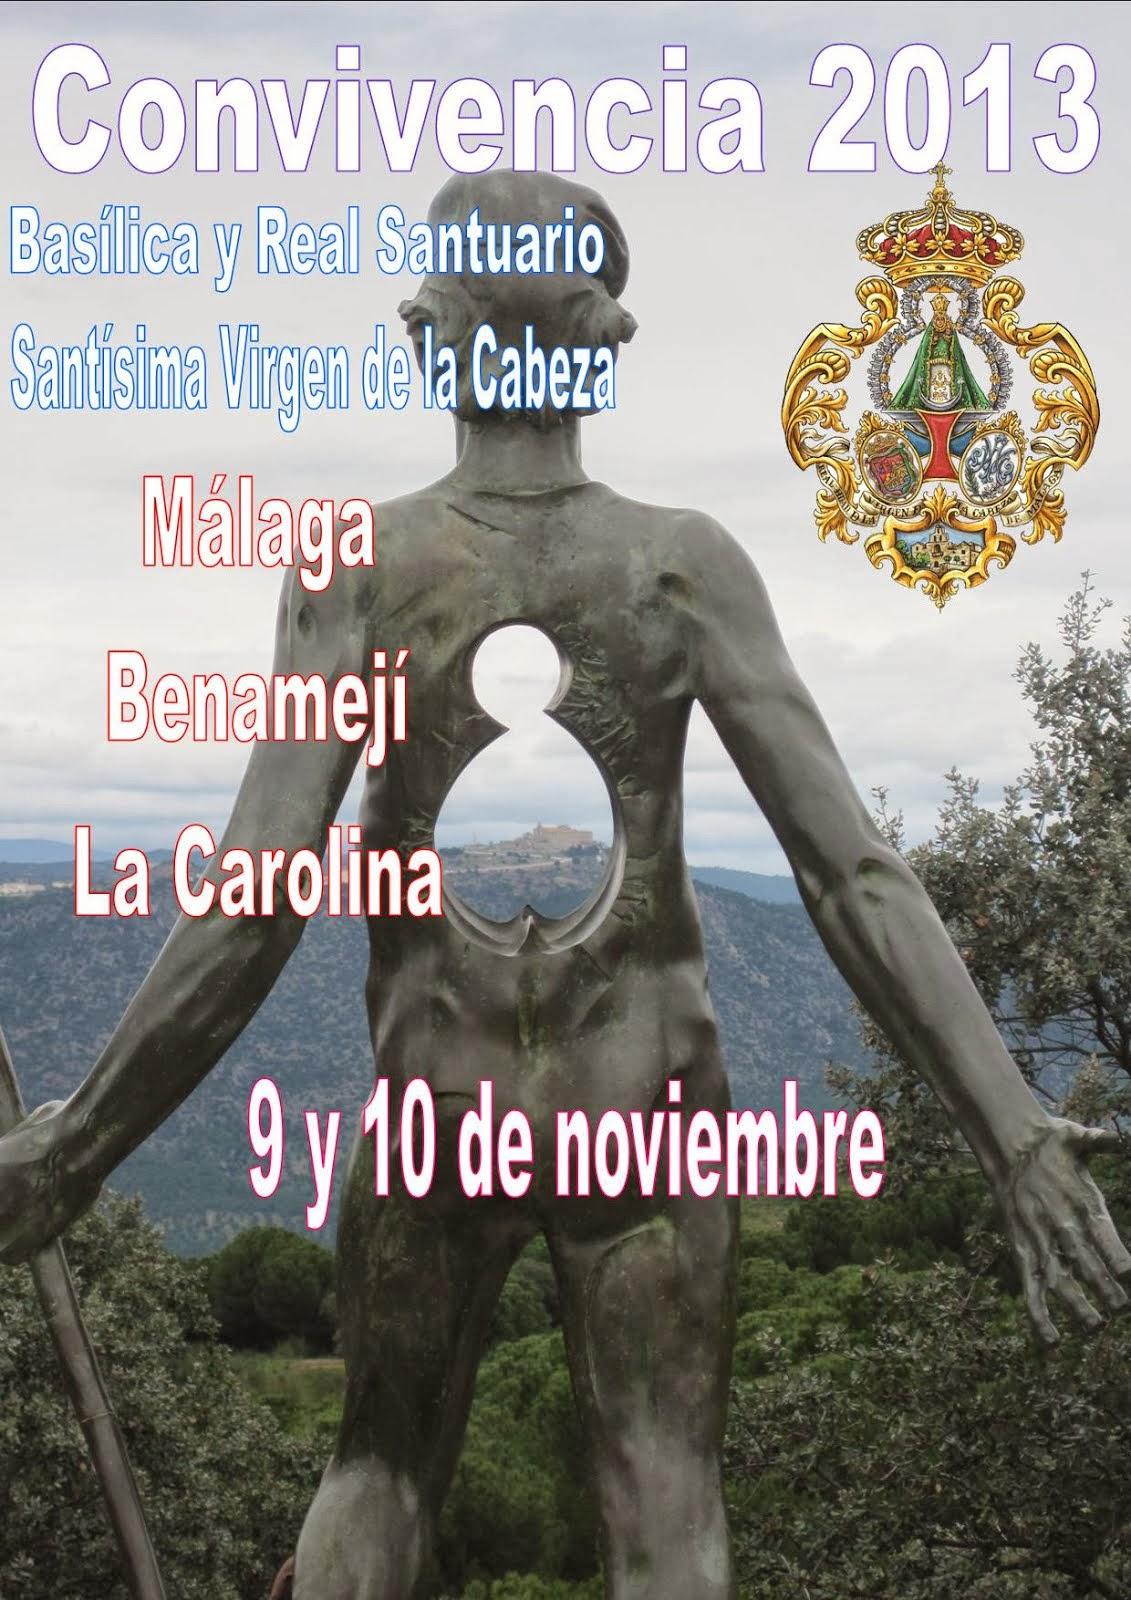 CONVIVENCIA 2013